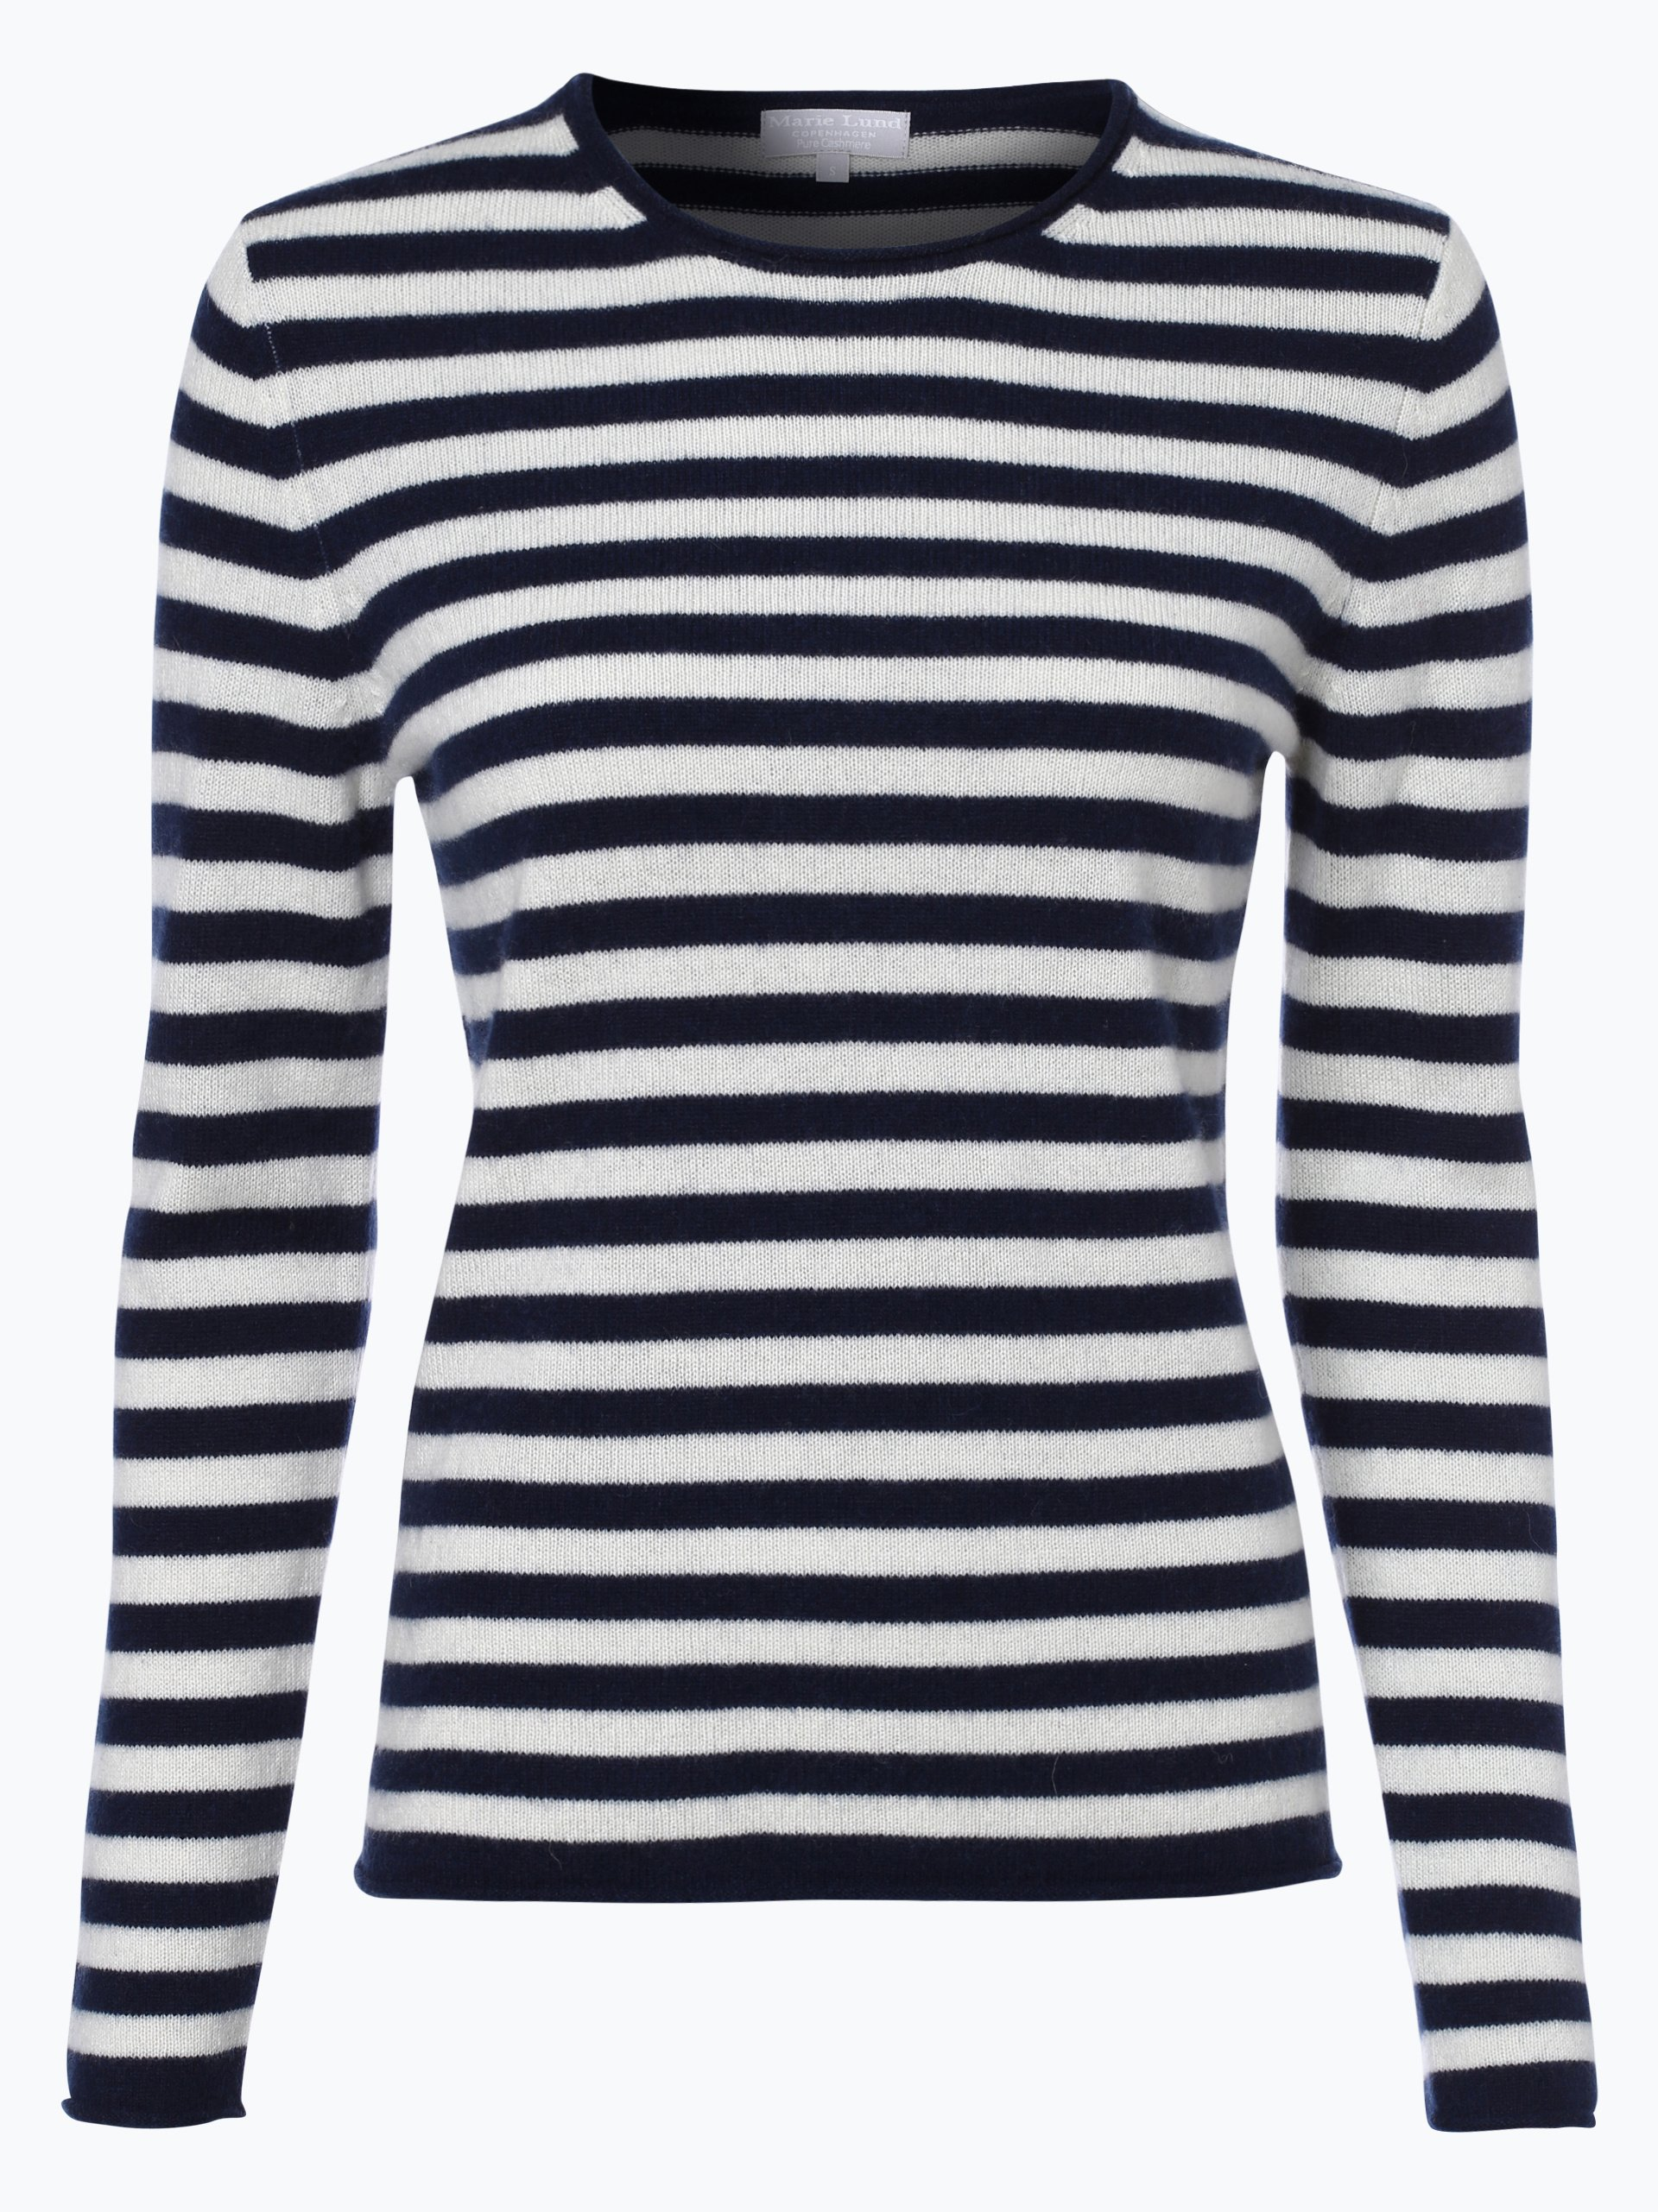 marie lund damen pure cashmere pullover marine gestreift online kaufen vangraaf com. Black Bedroom Furniture Sets. Home Design Ideas